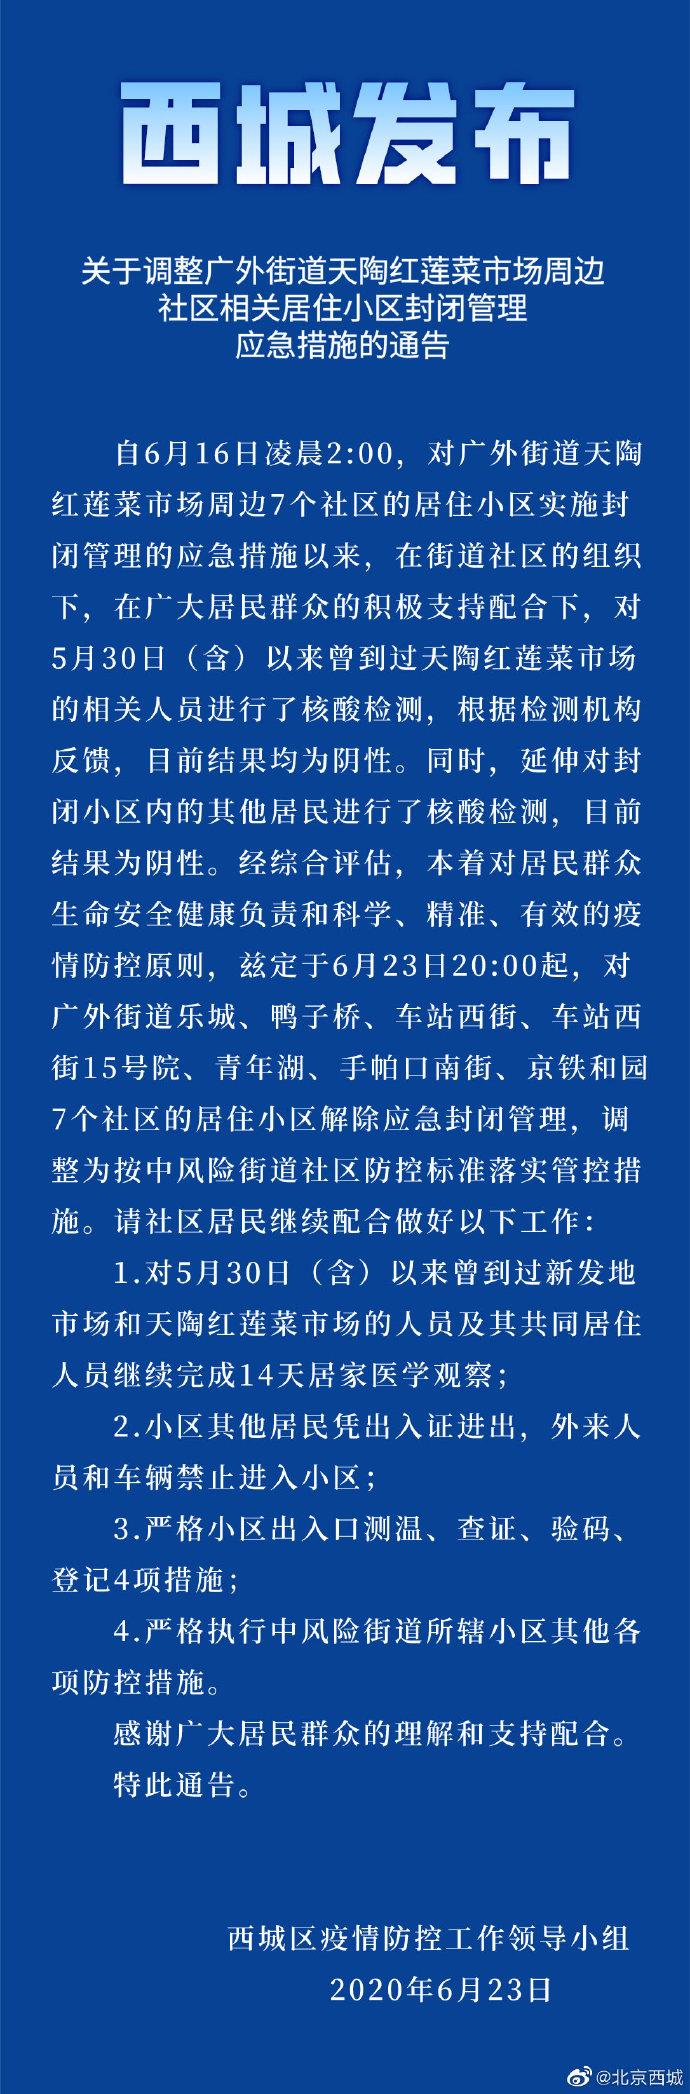 广外街道天陶红莲菜市场周边7个社区解除封闭管理